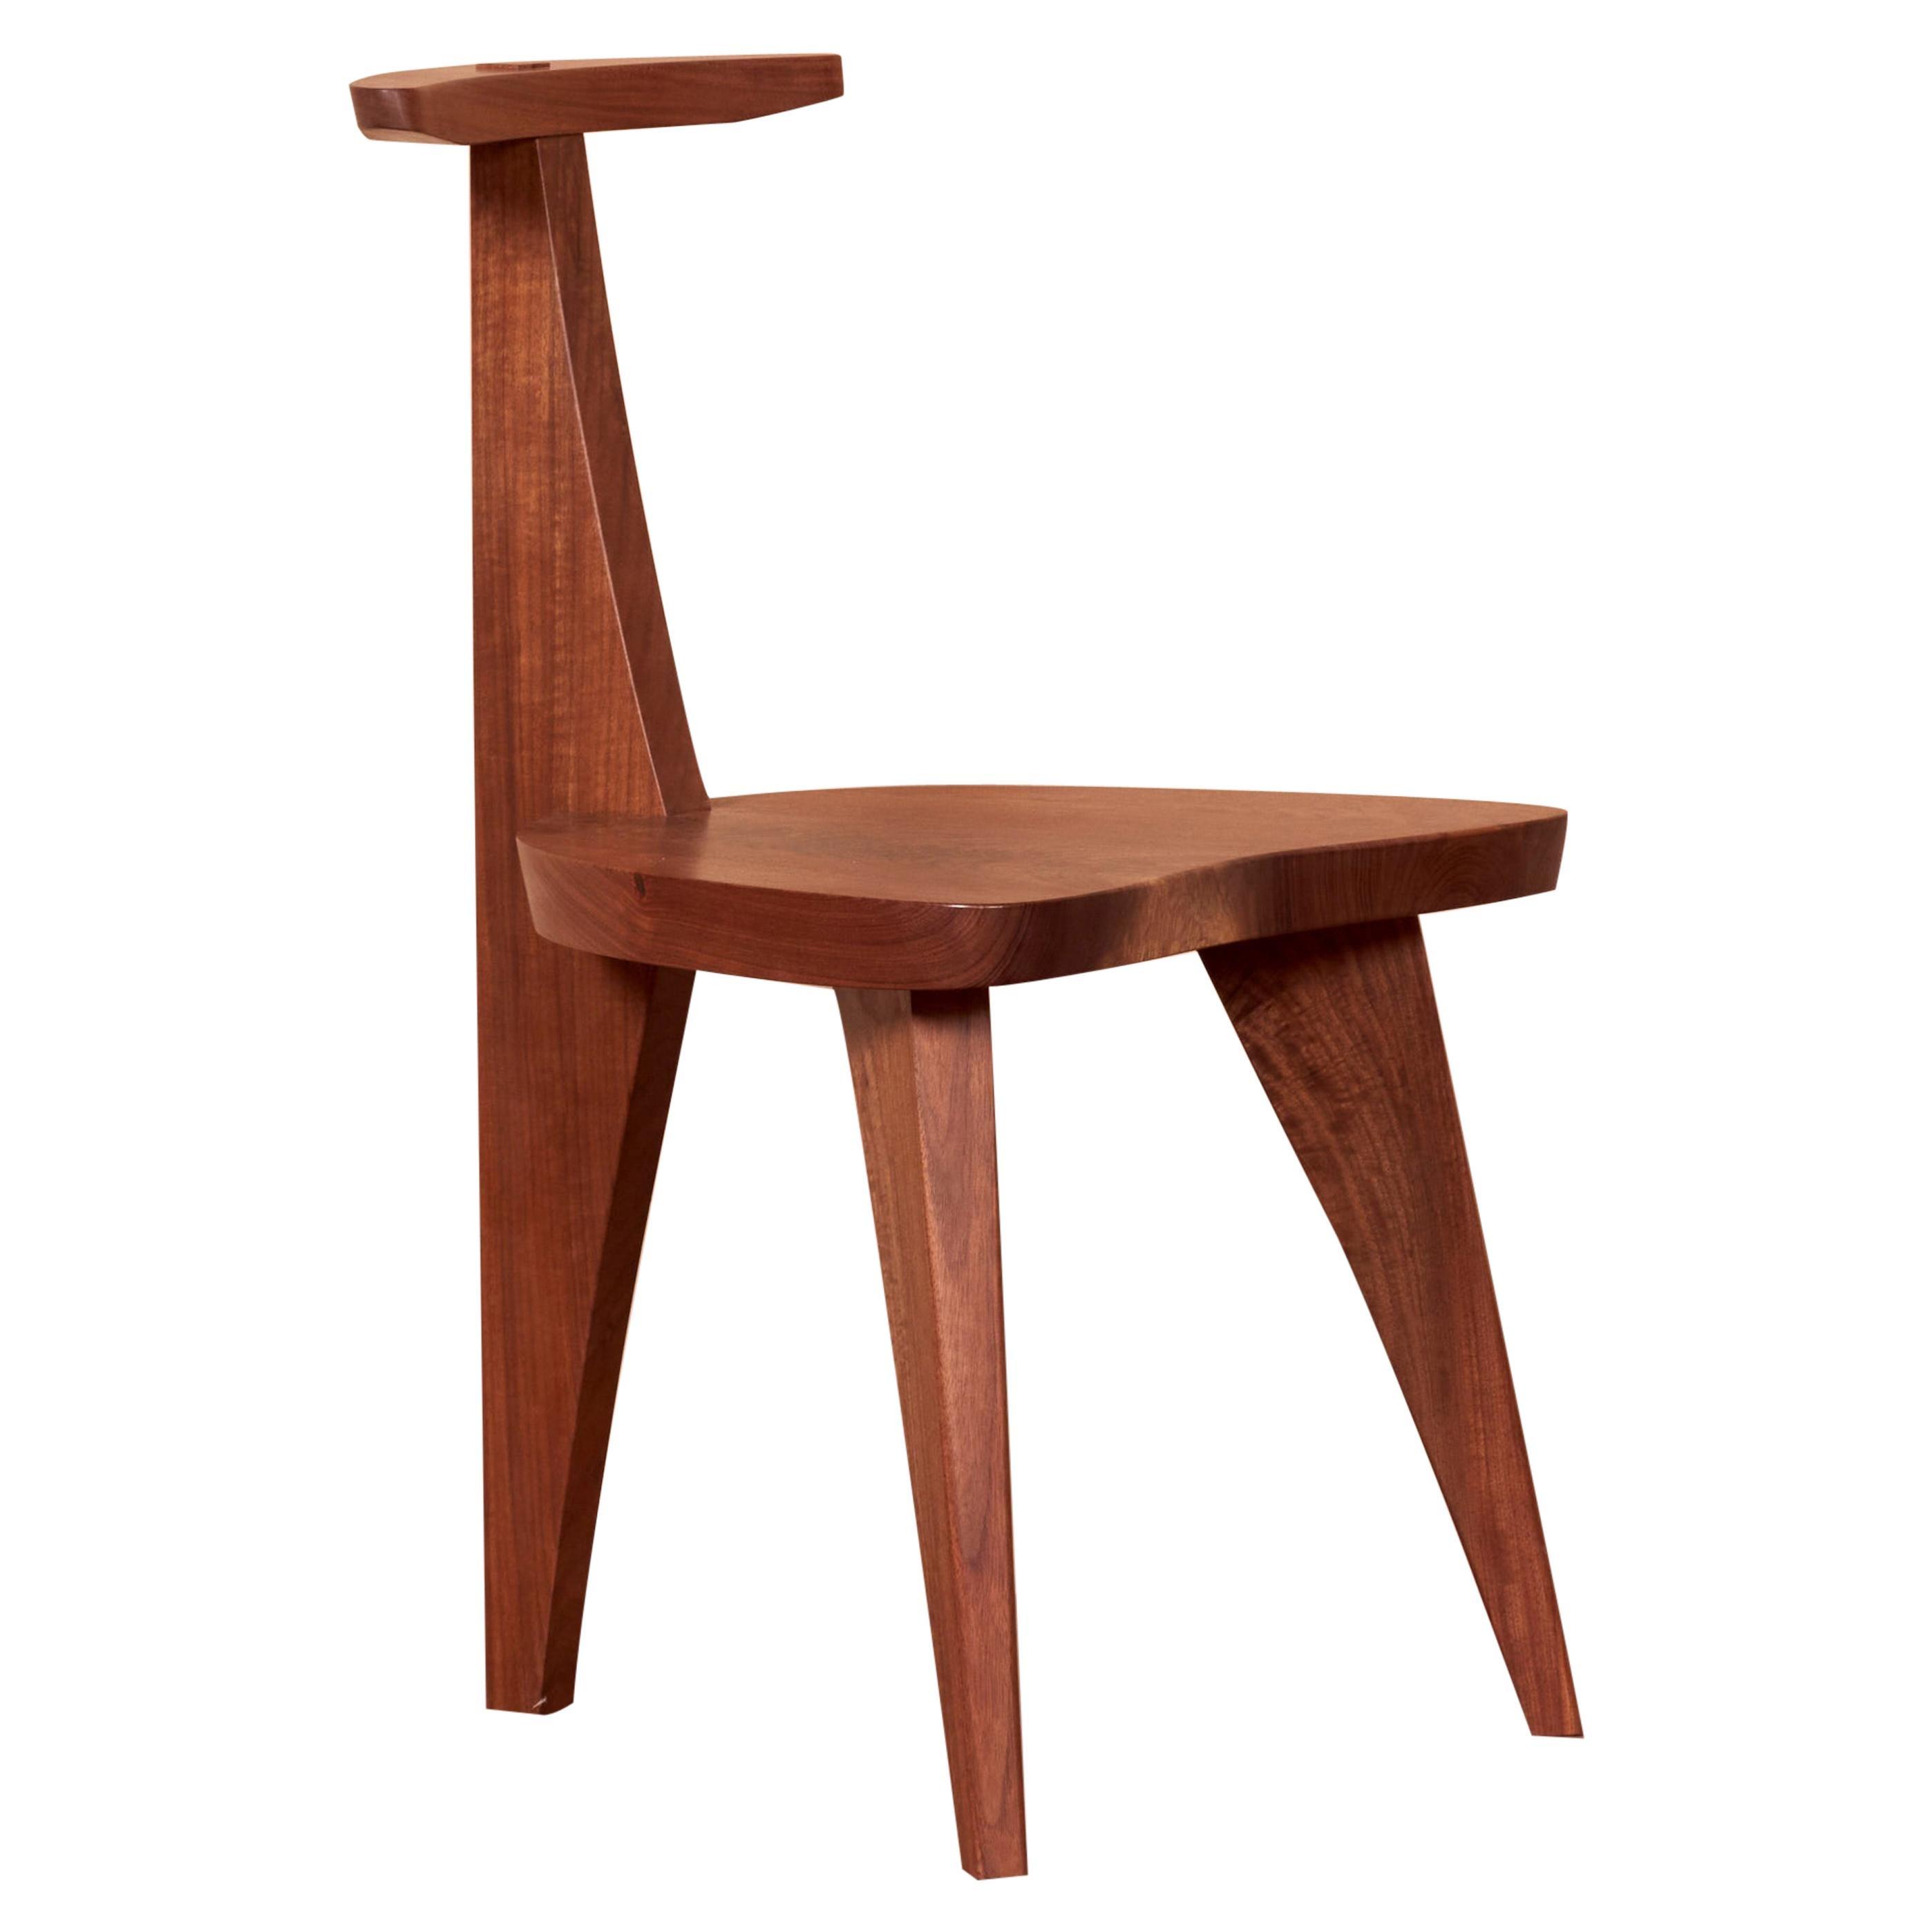 George Nakashima Studio, Concordia Chair, US, 2021